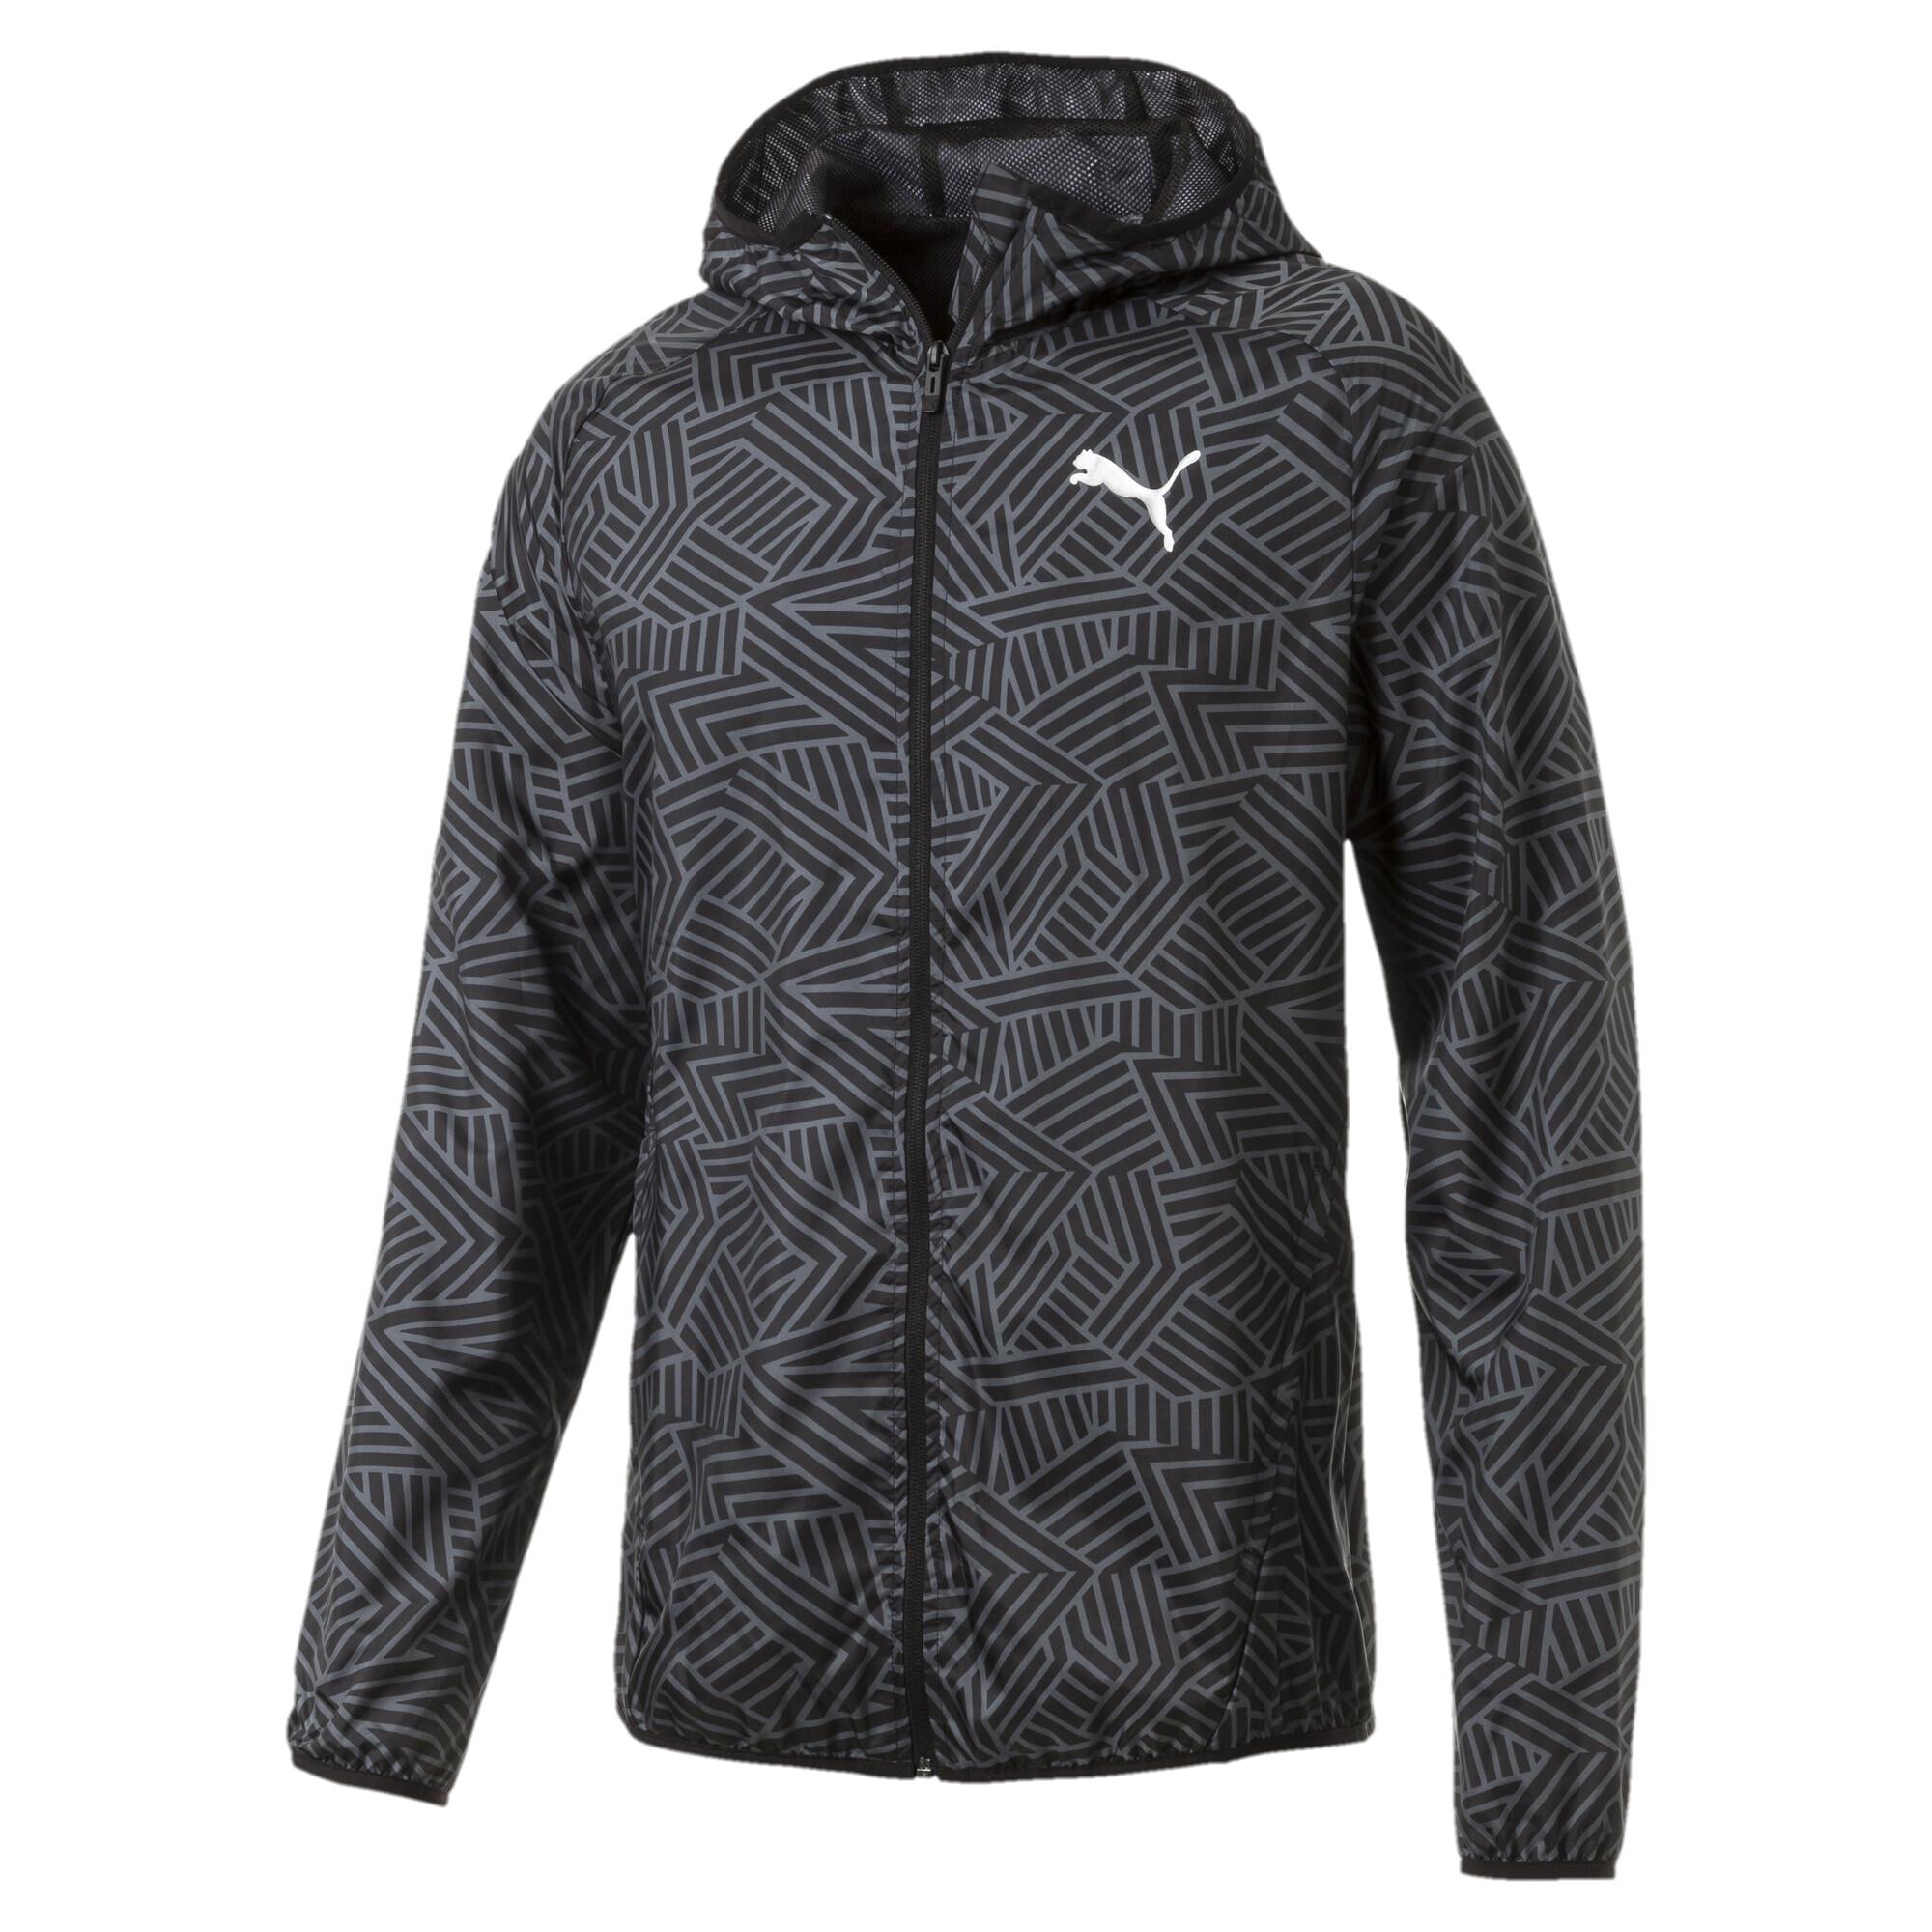 【プーマ公式通販】 プーマ AOP ウーブンジャケット メンズ Puma Black  PUMA.com